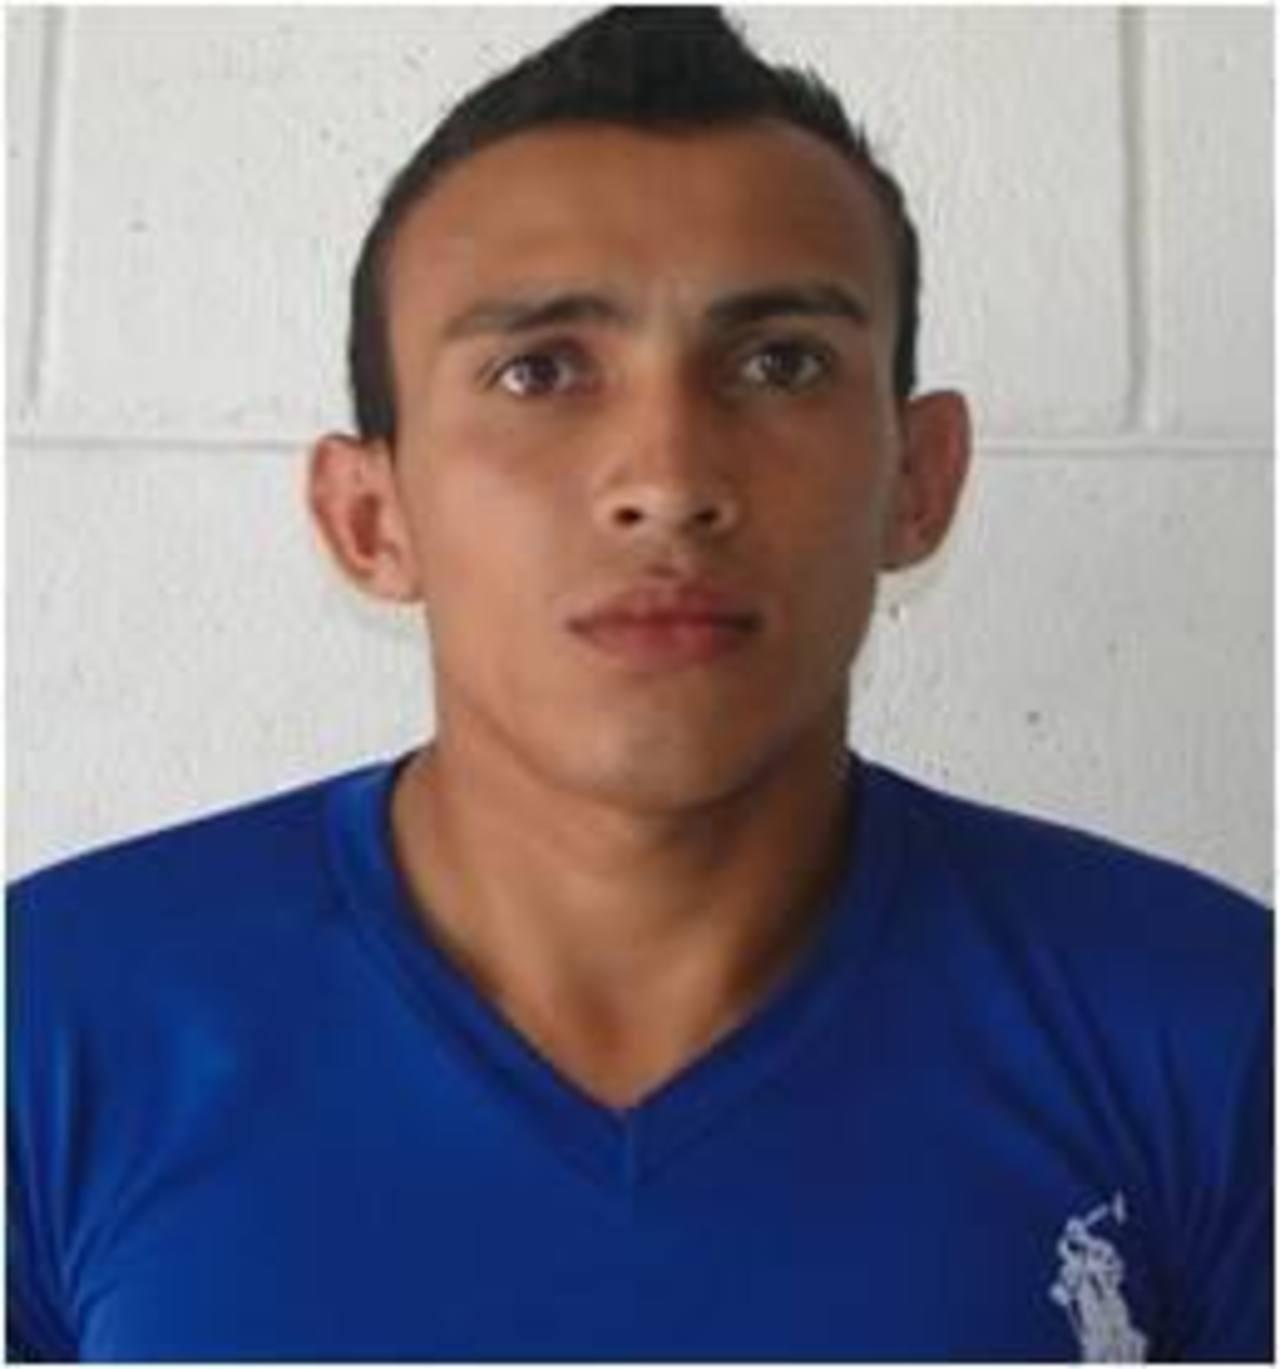 Luis Alonso Sandoval es acusado de asesinar a Raúl Parada, director del Centro Escolar Evaristo Mejía, en San Miguel.